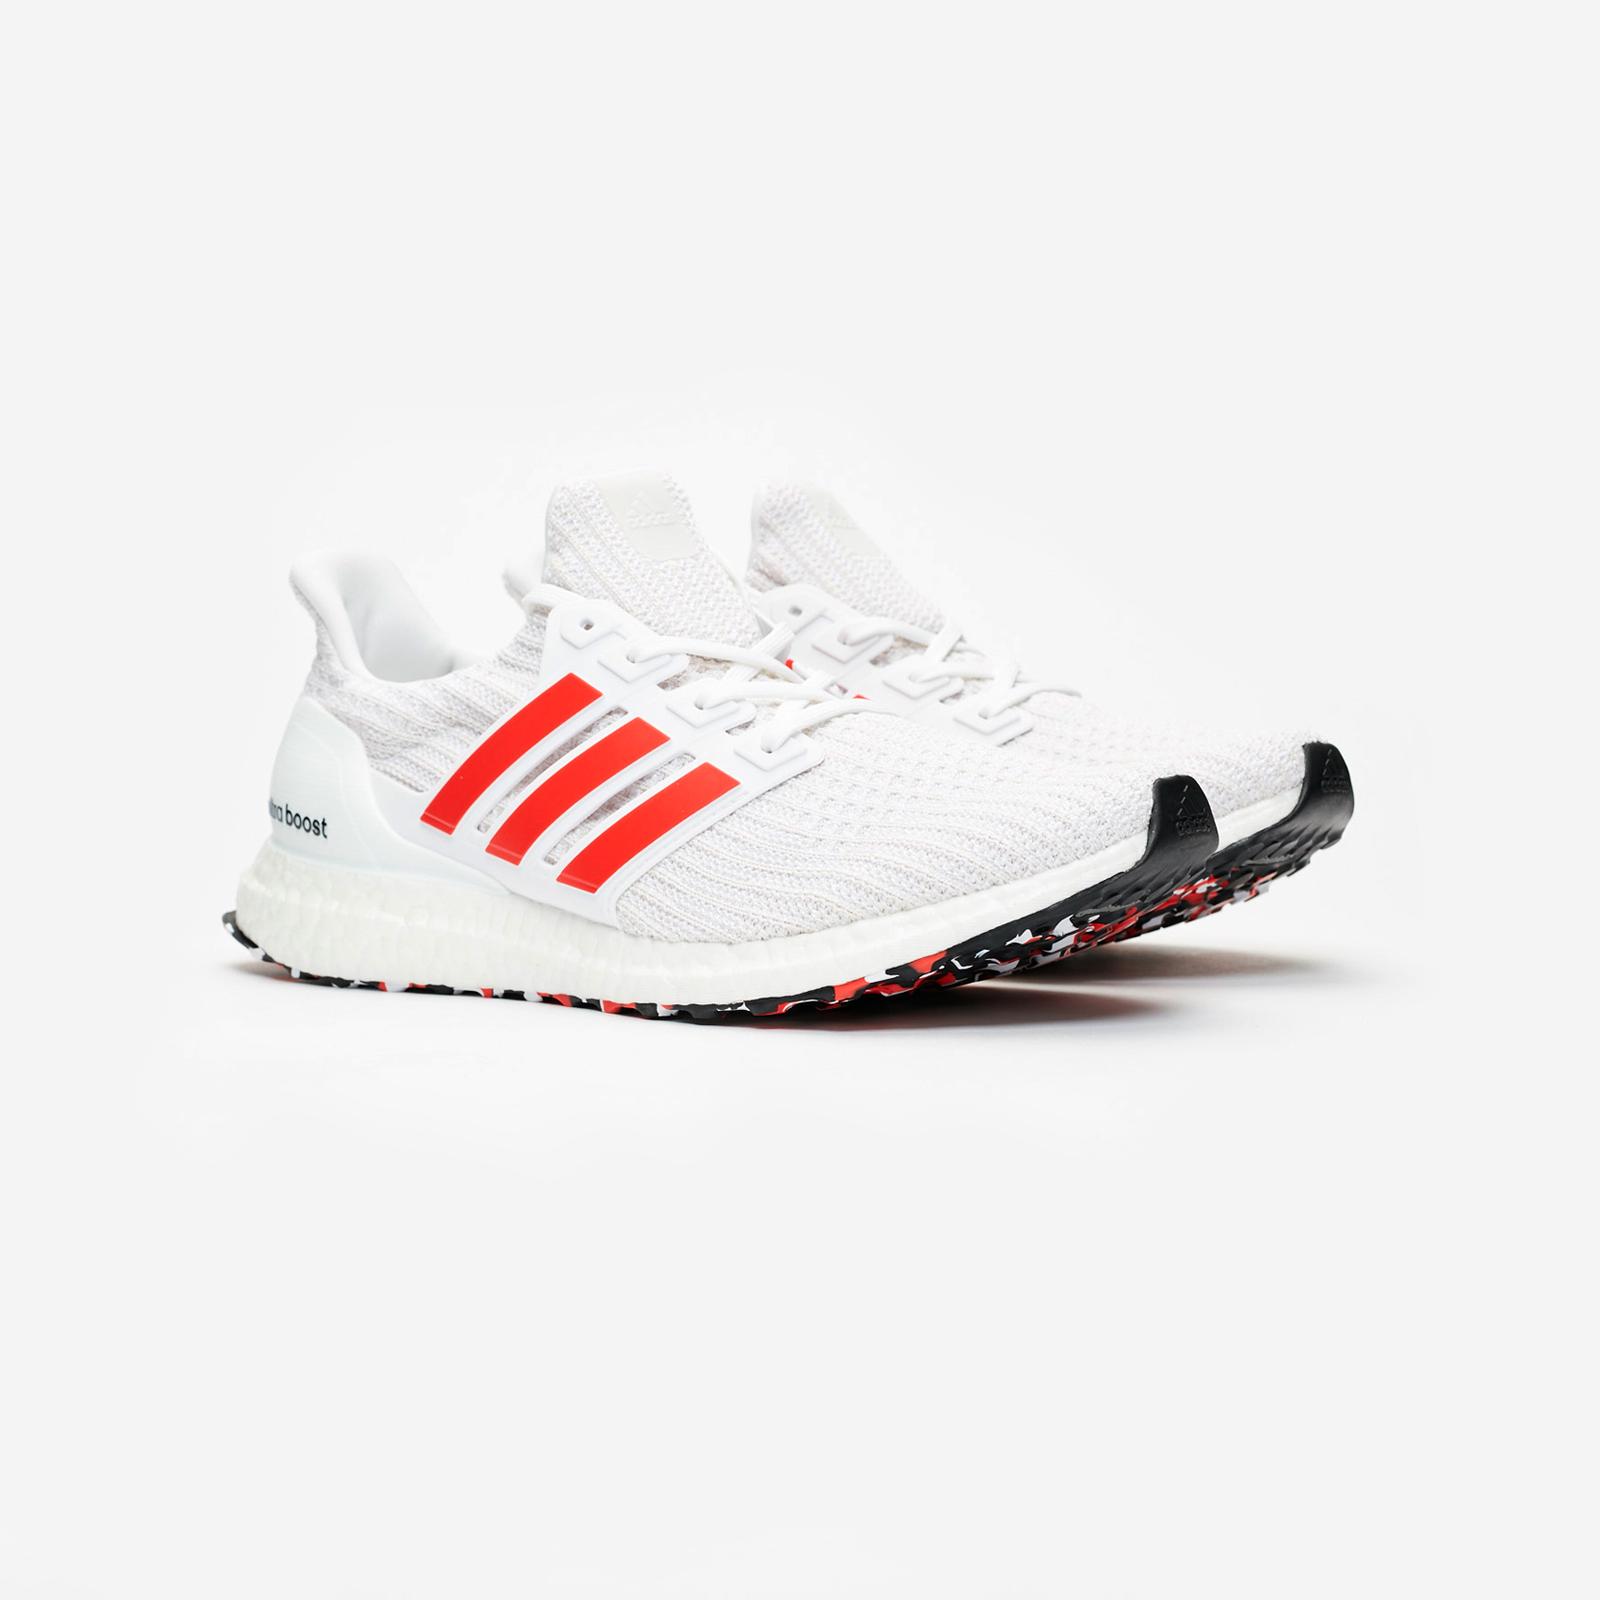 b15ad4c4b23 adidas Ultraboost - Db3199 - Sneakersnstuff